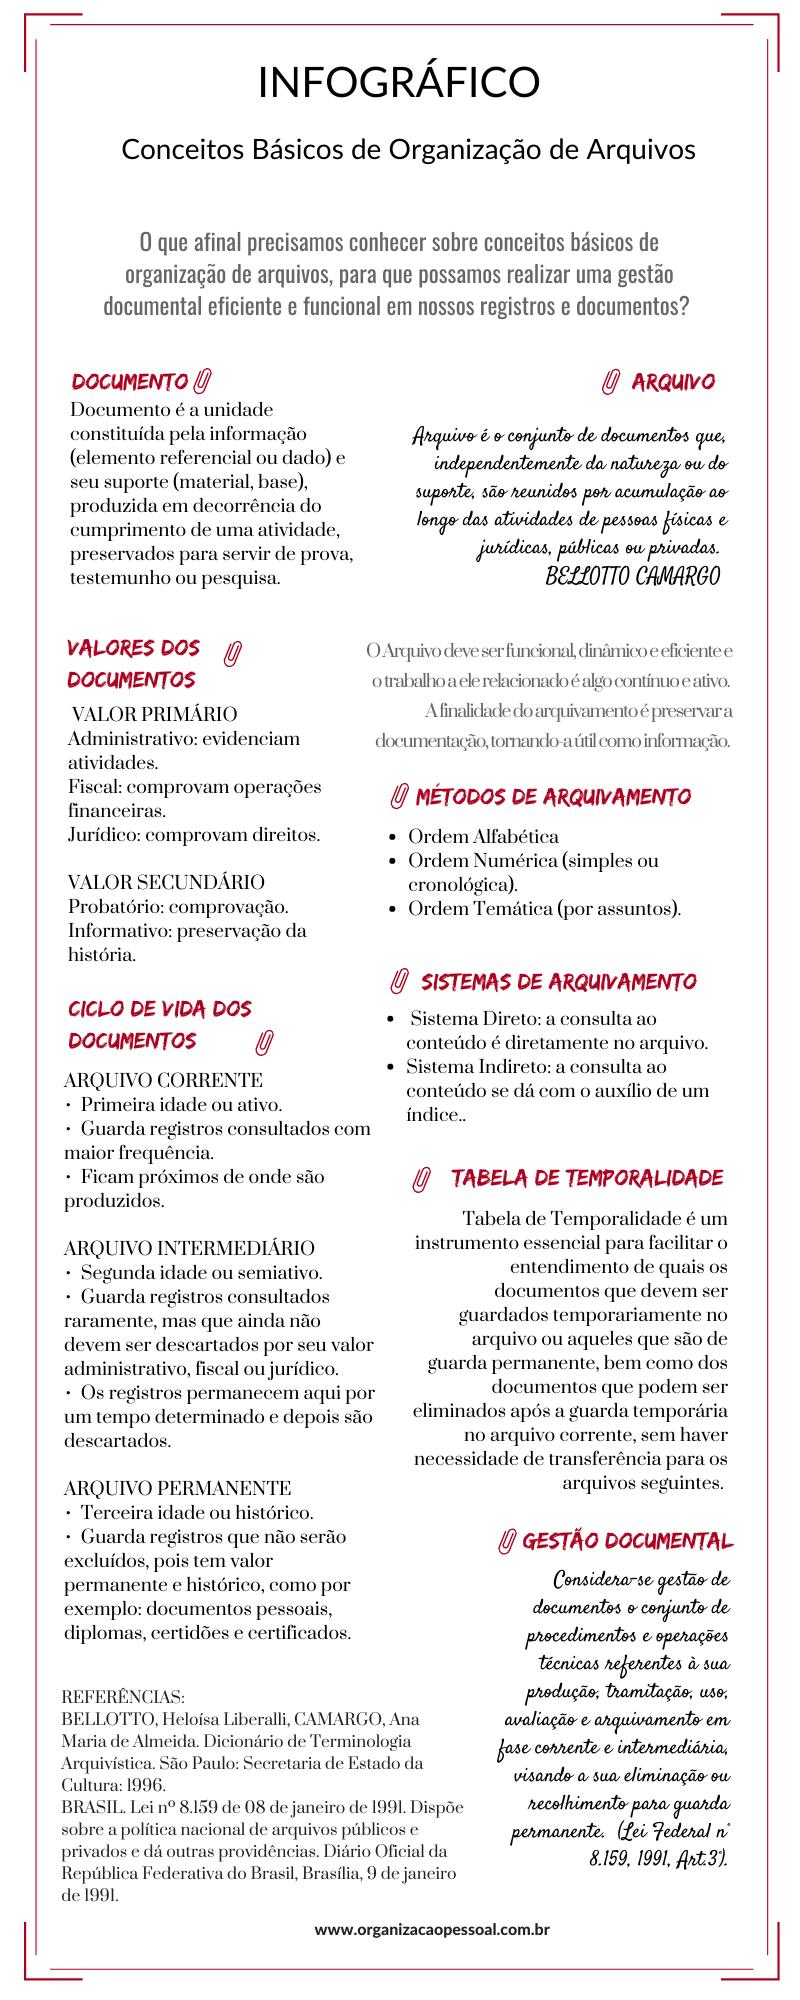 Infográfico Organização de Arquivos